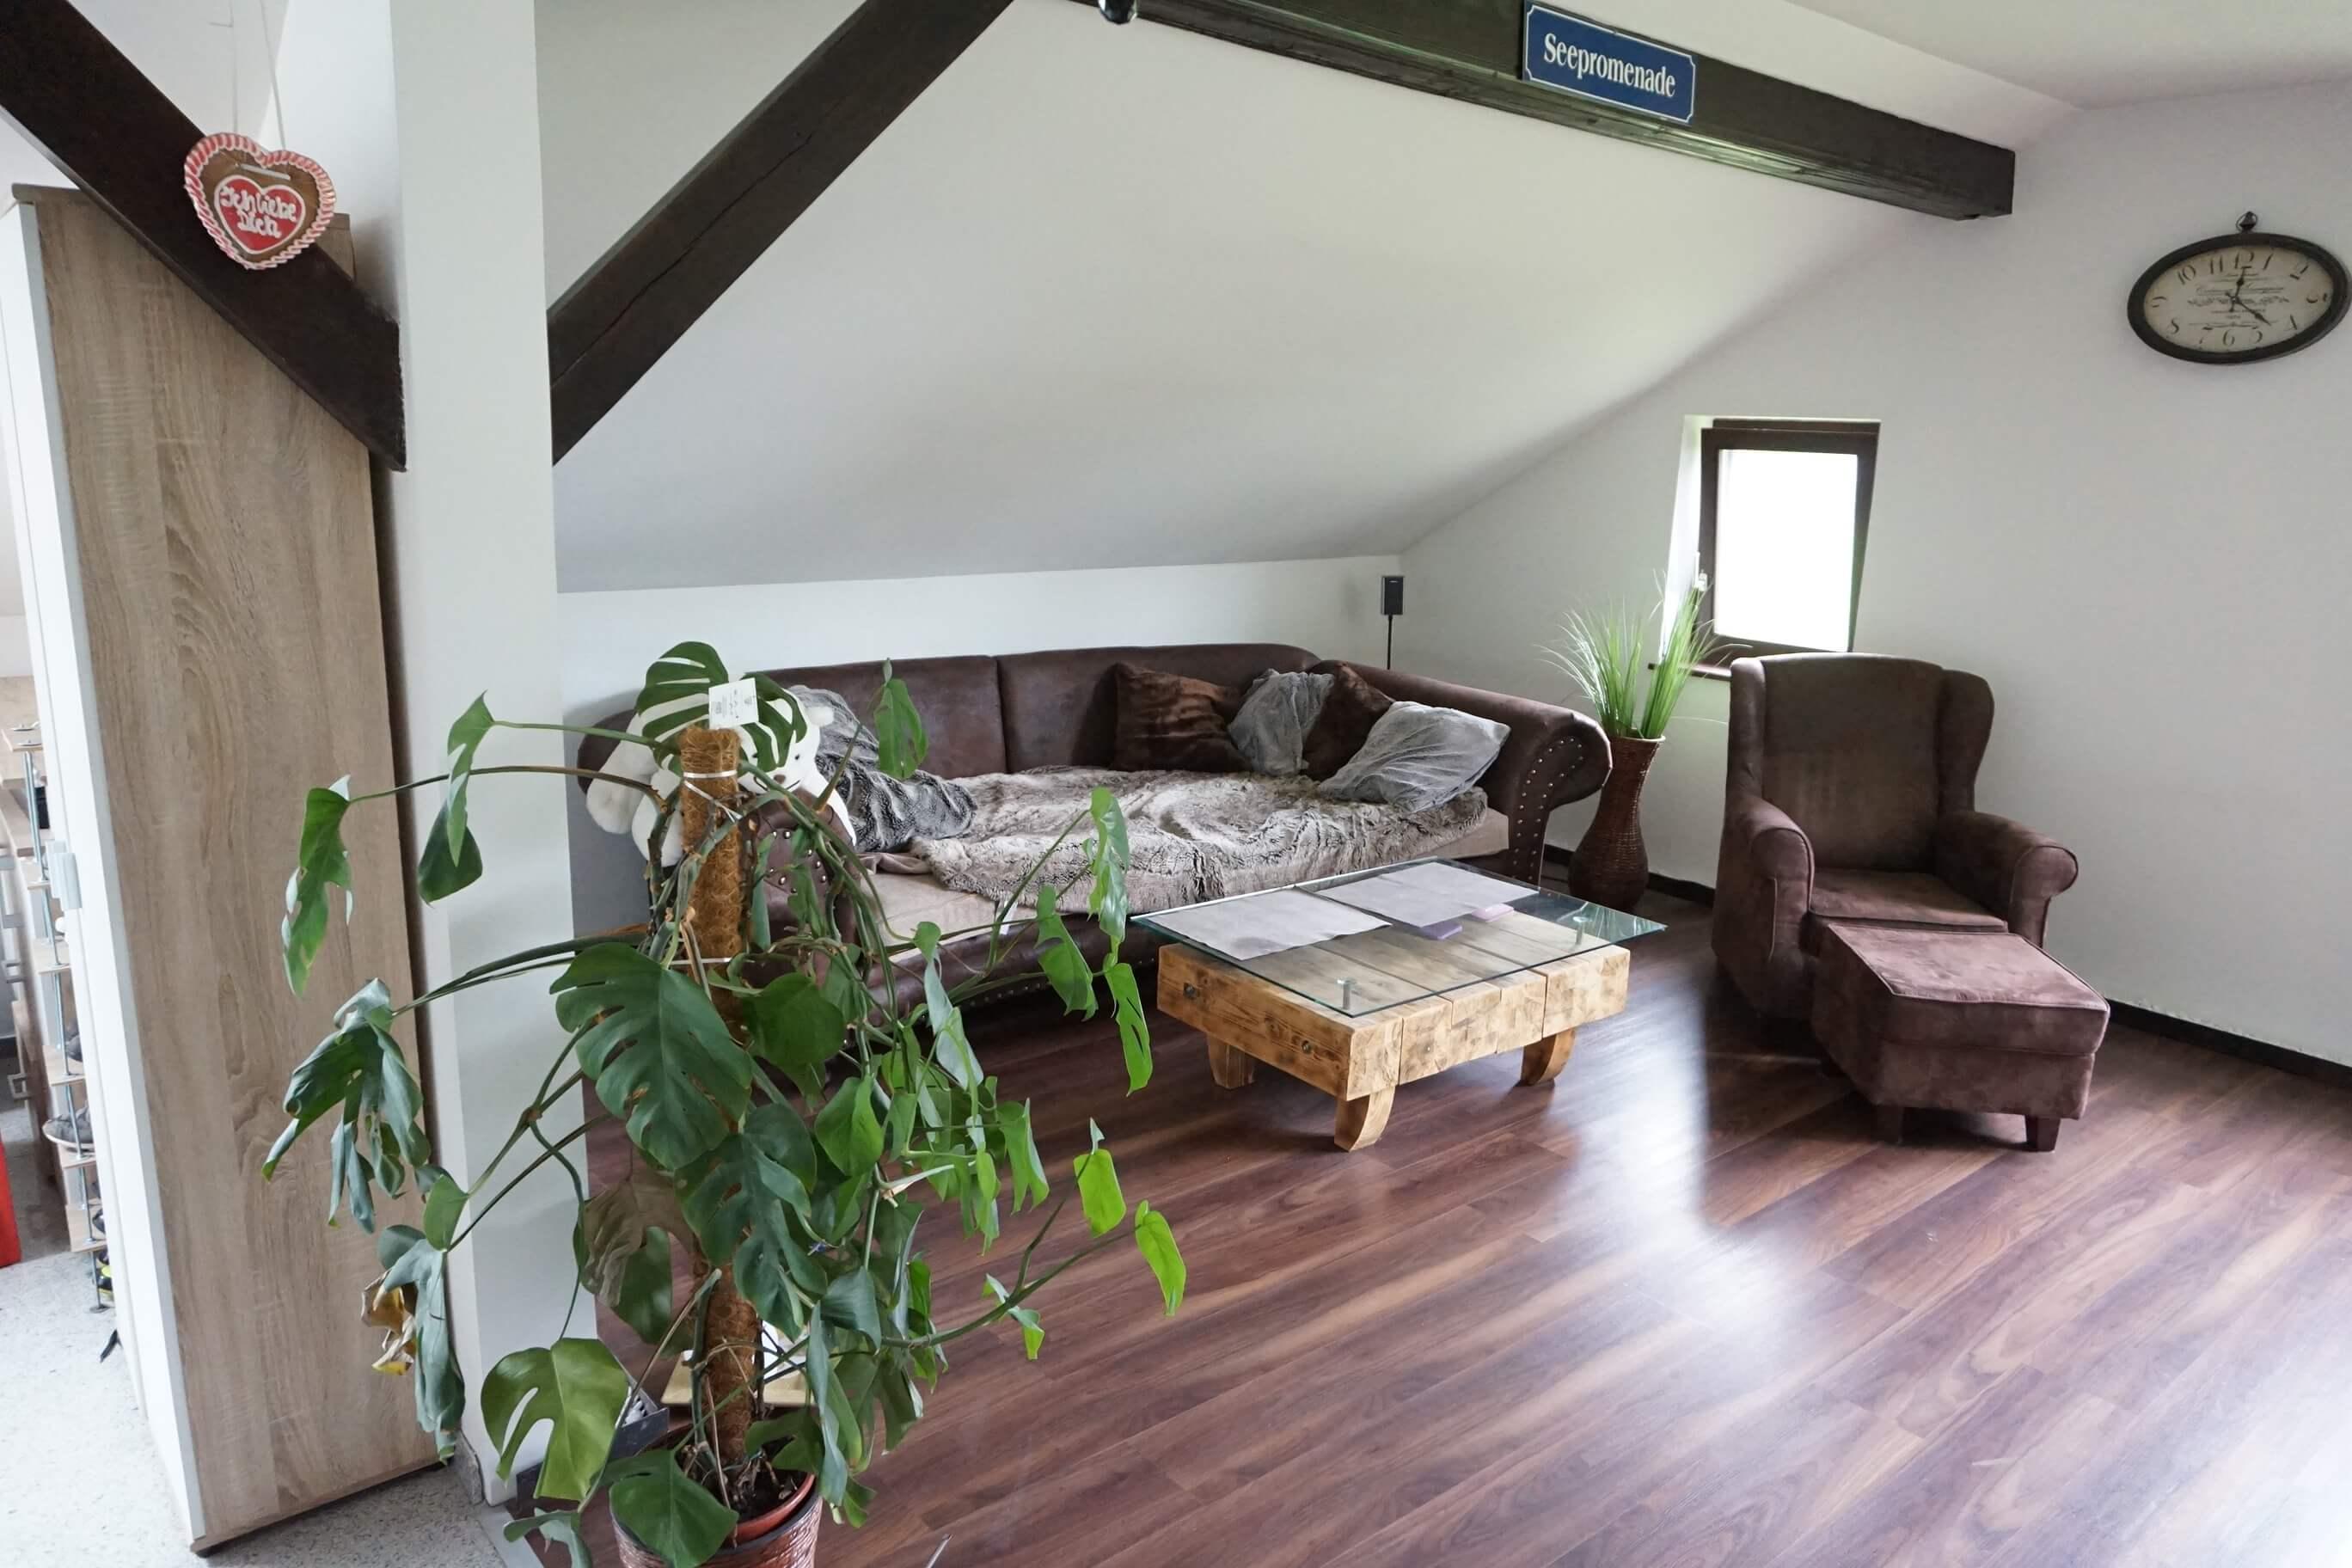 Kapfenberg/Hafendorf: 2-Zimmer Wohnung in ruhiger Lage